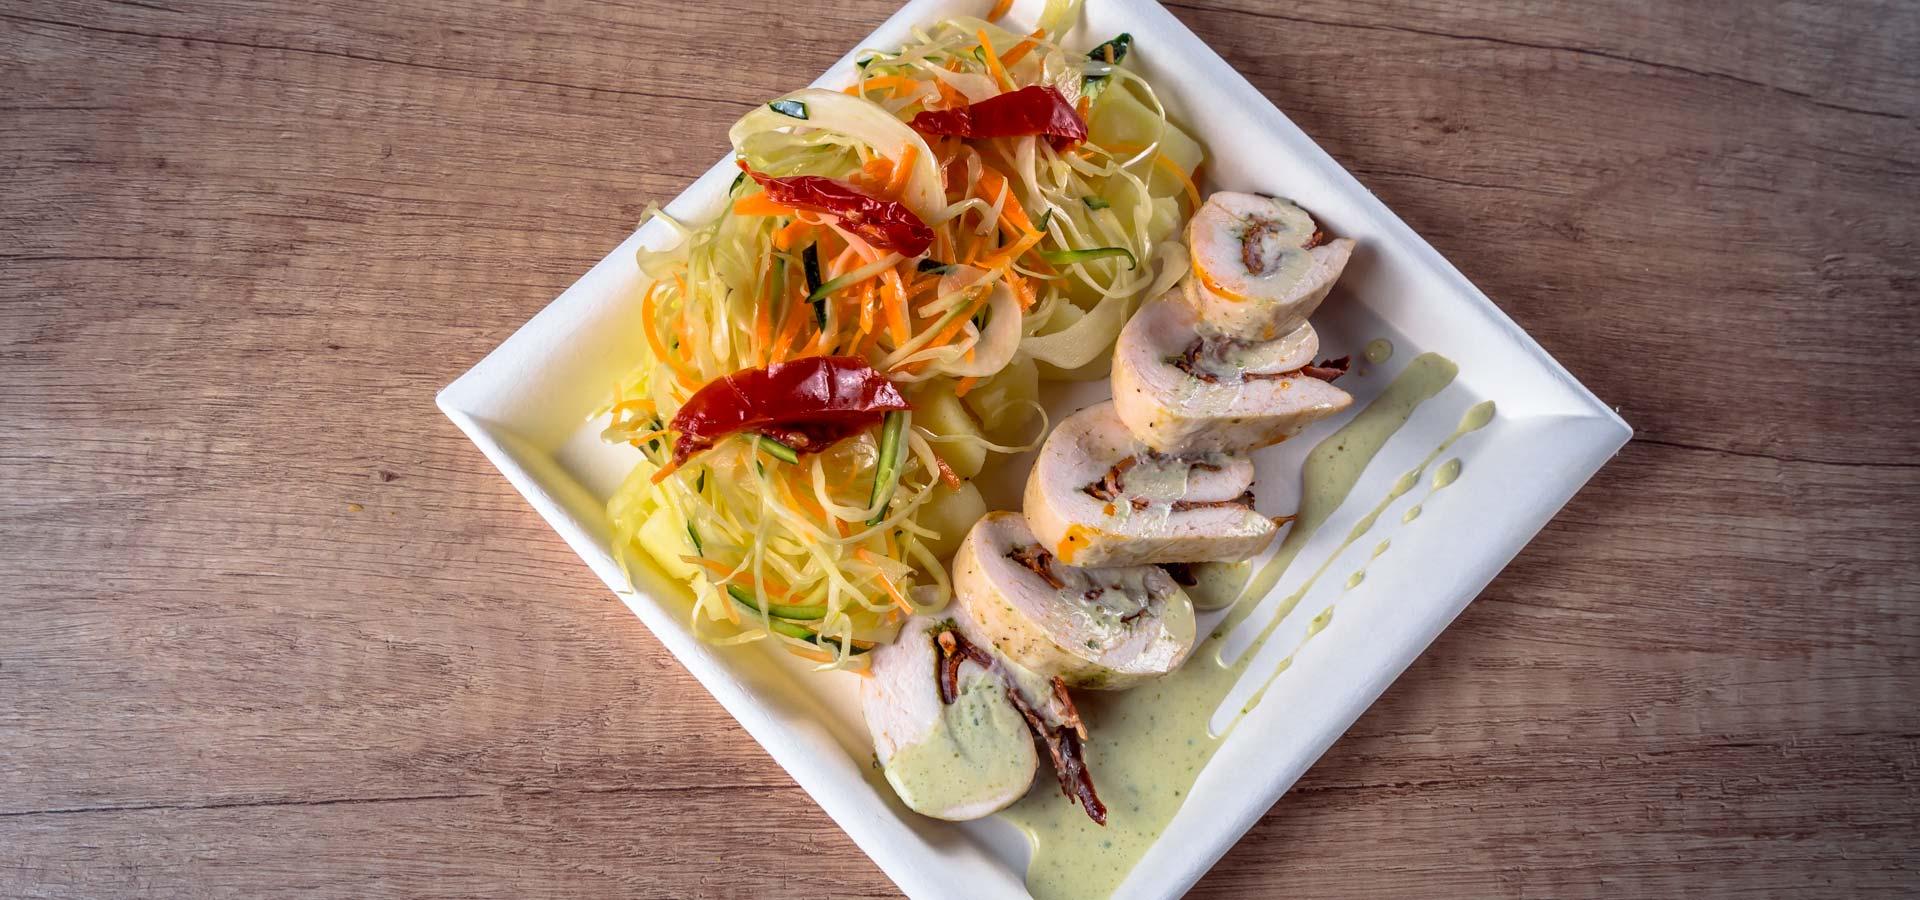 salades-composees-plats-restaurant-potofeu